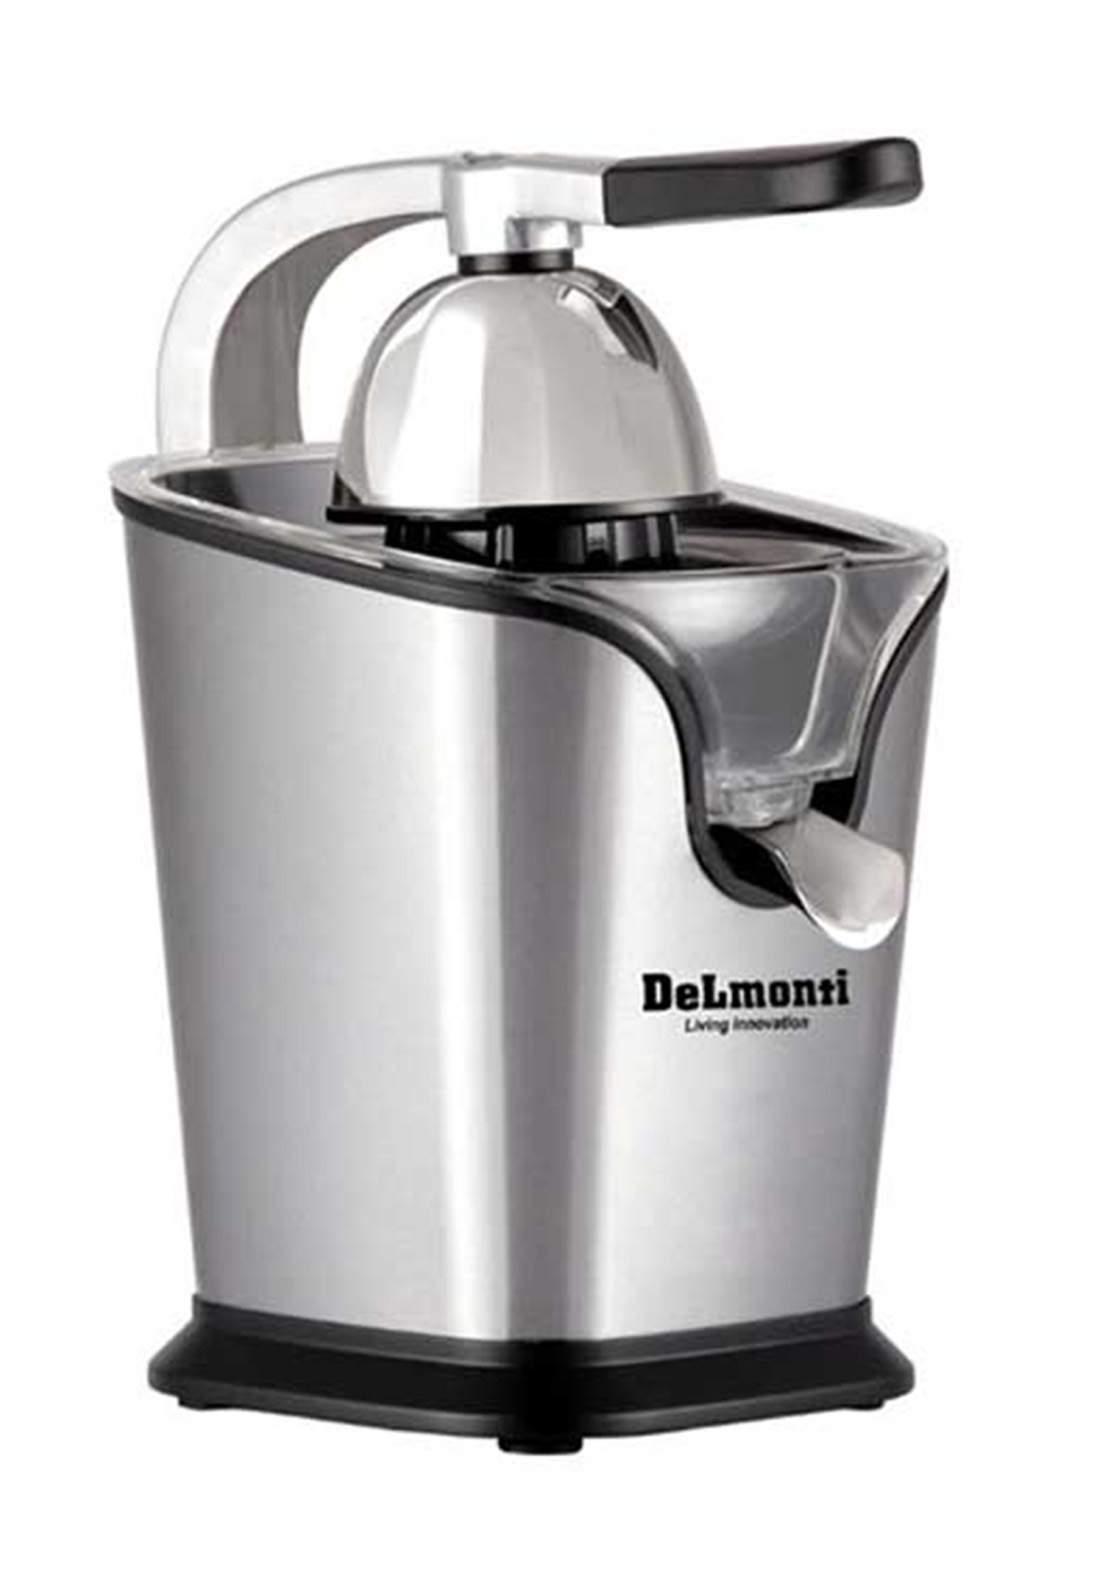 Delmonti Blender DL840 Citrus Juicer عصارة